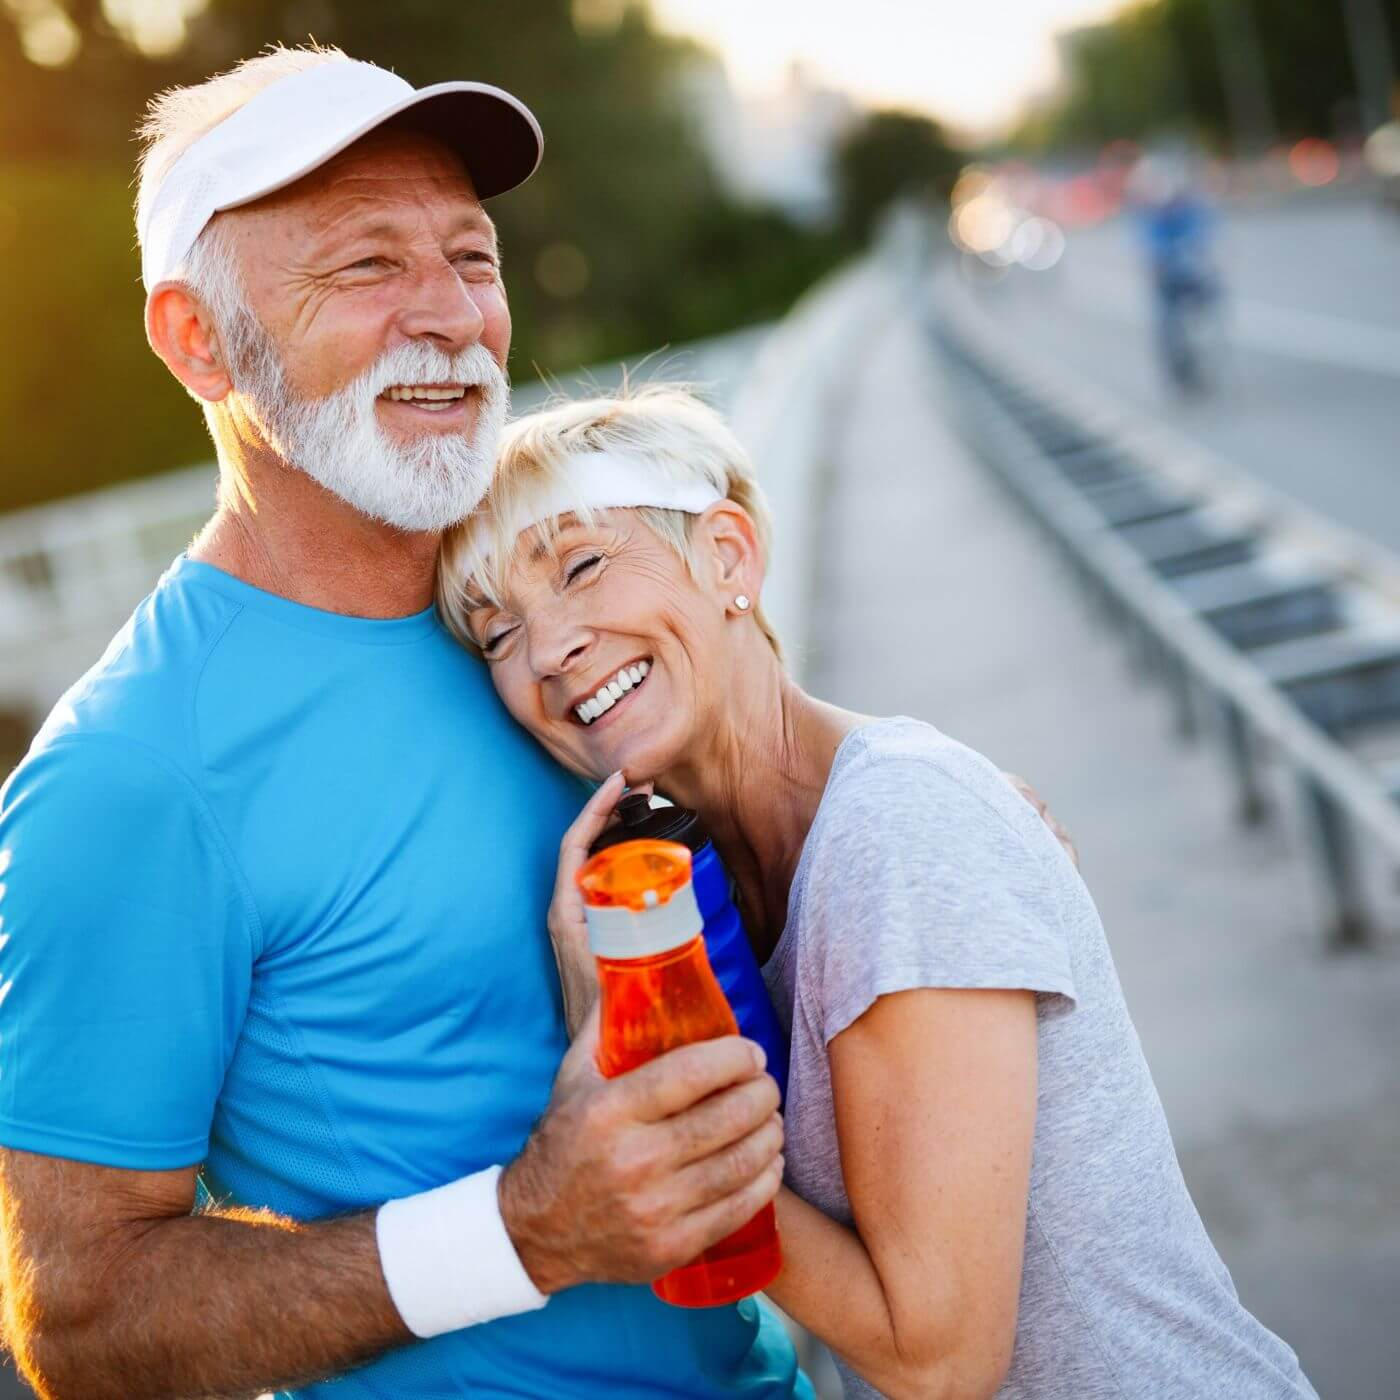 Cinq astuces pour ne pas prendre de poids après 40 ans